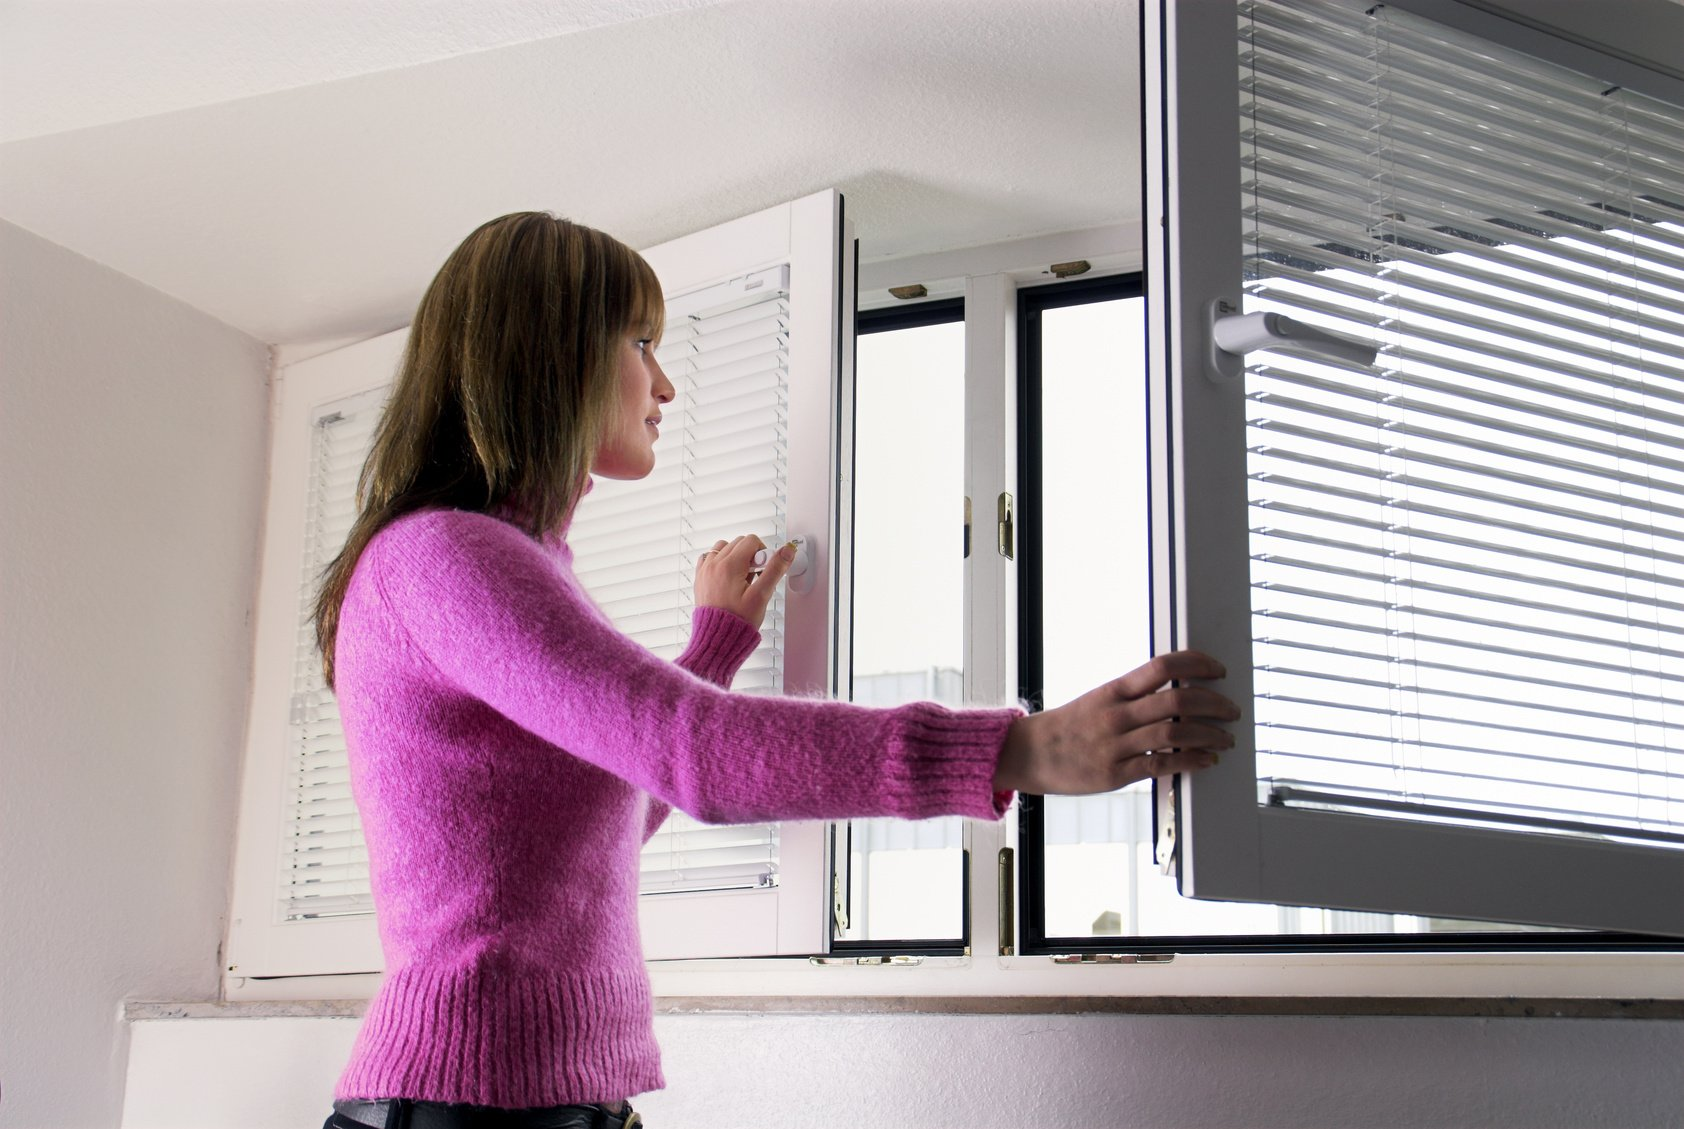 Убрать затхлый запах в квартире